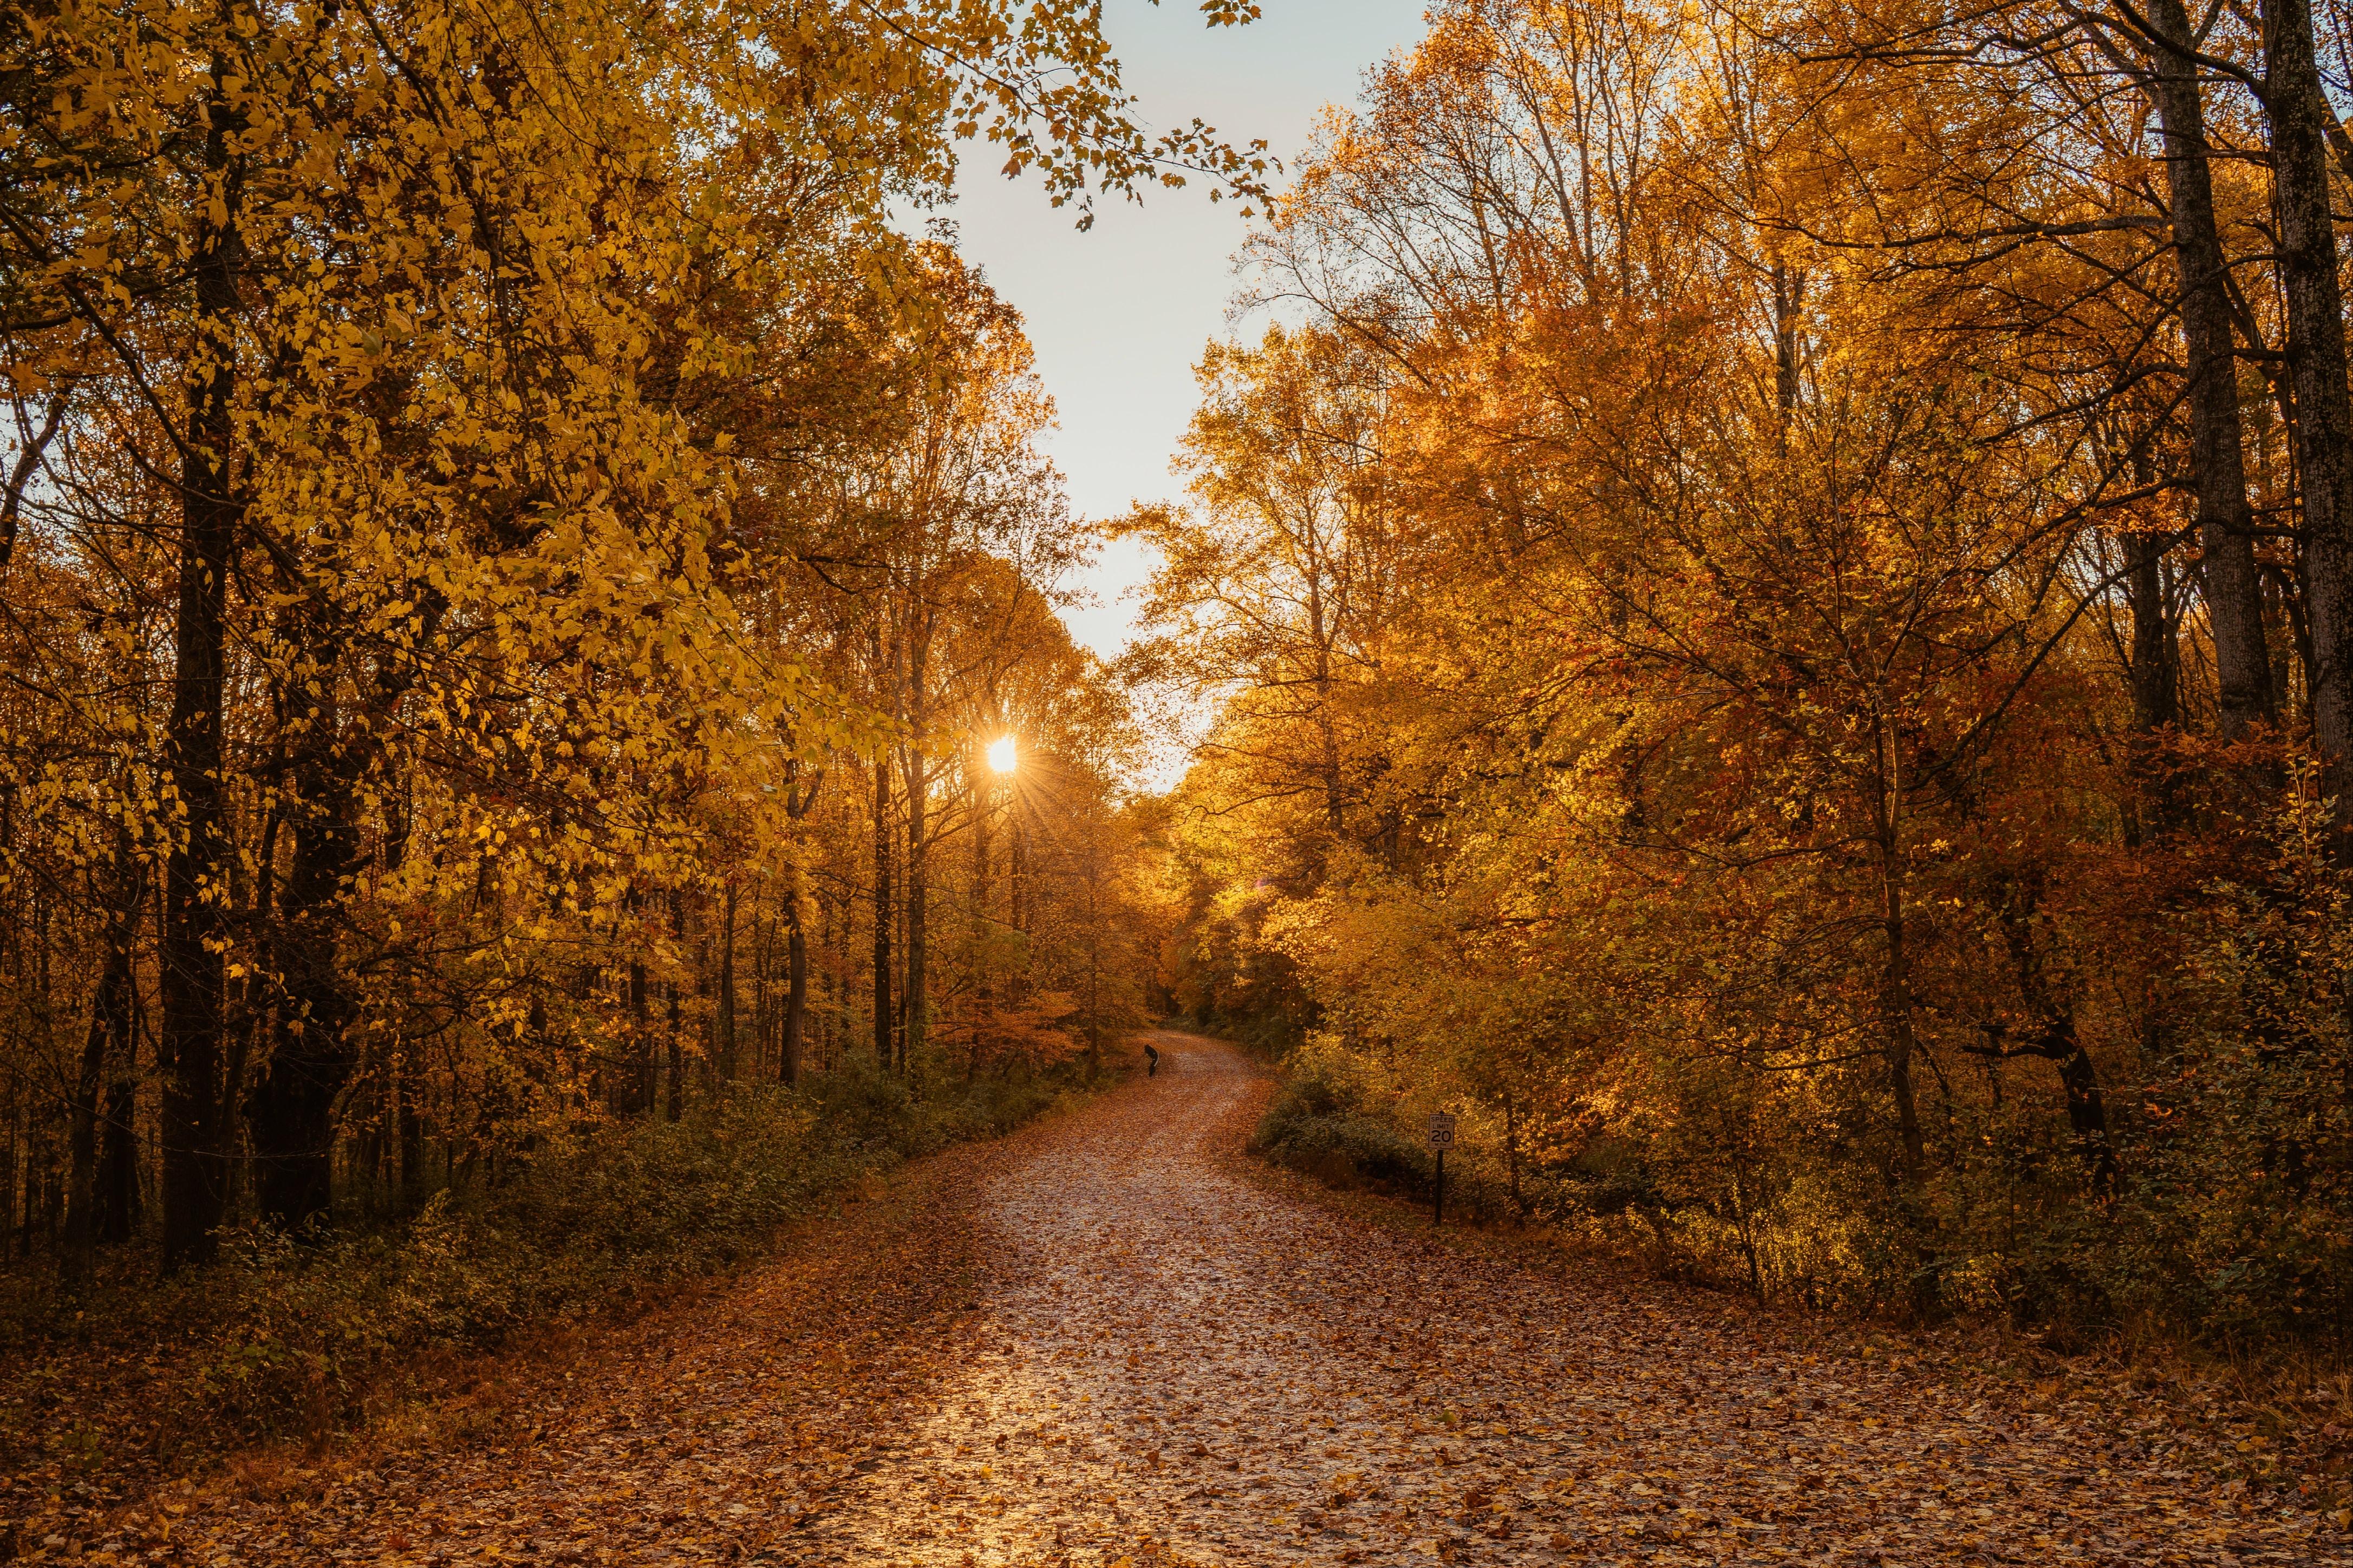 autumn road 1574937762 - Autumn Road -